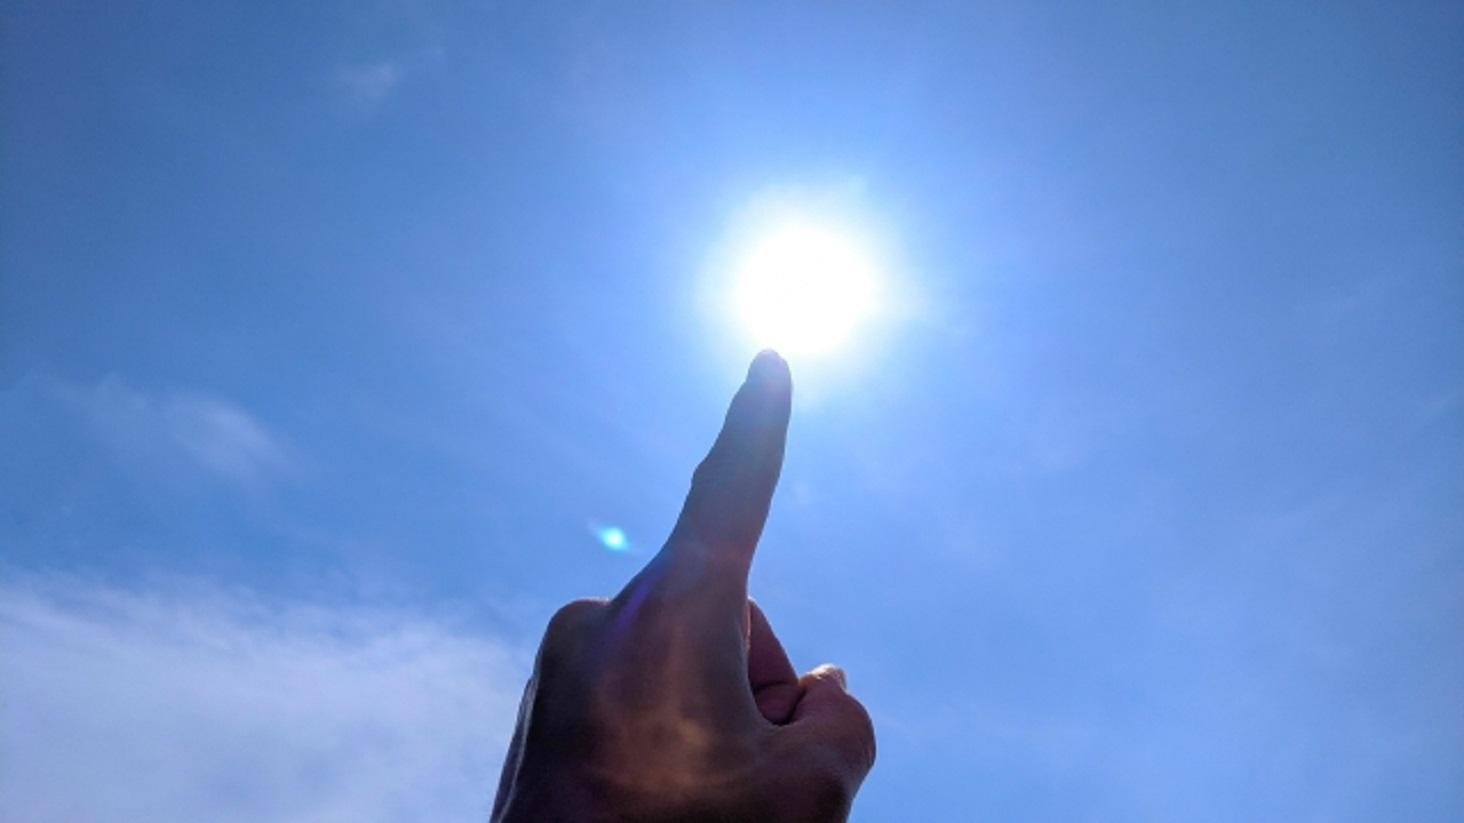 人差し指を太陽に向ける